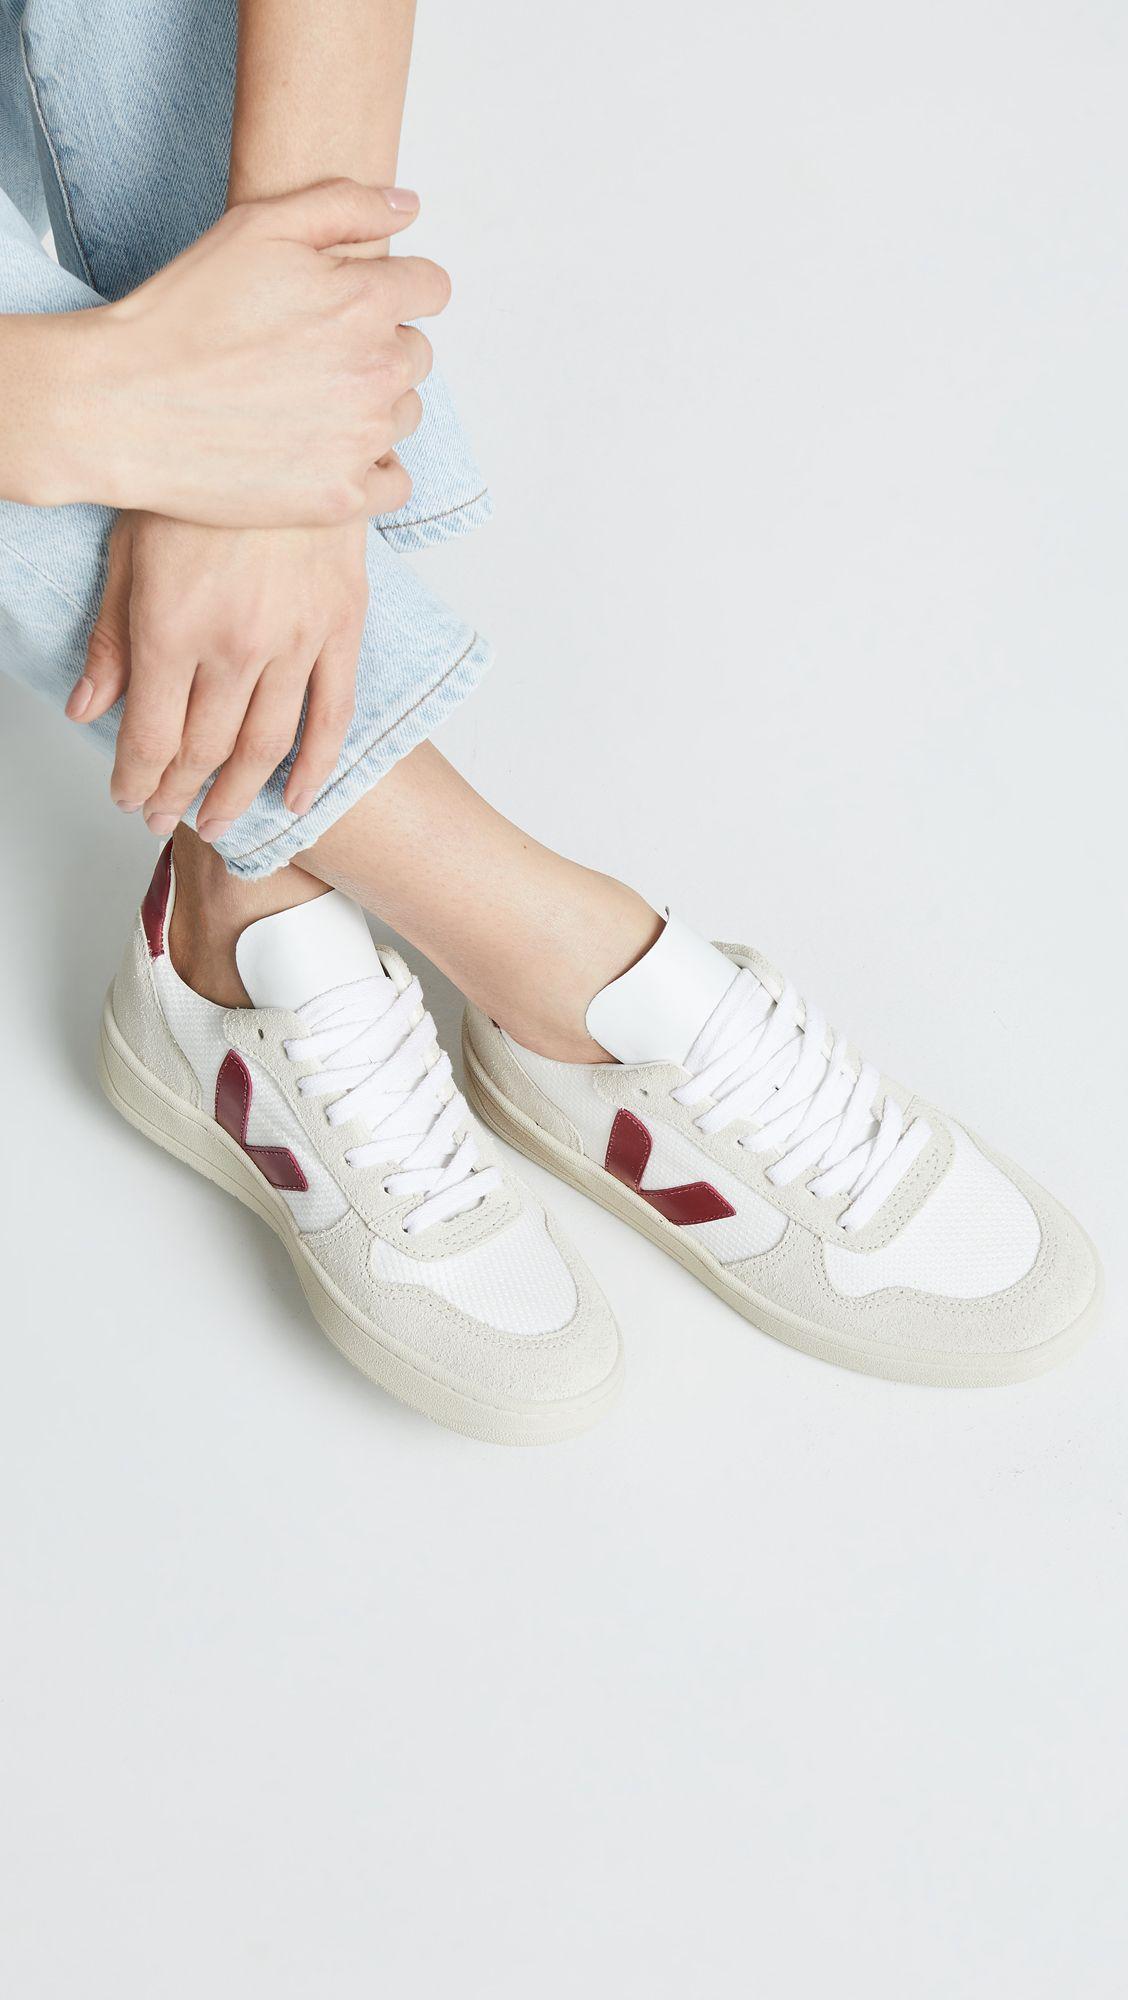 legislación Optimista Desesperado  Veja V-10 Lace Up Sneakers | Sneakers, Sneakers fashion, Veja sneakers